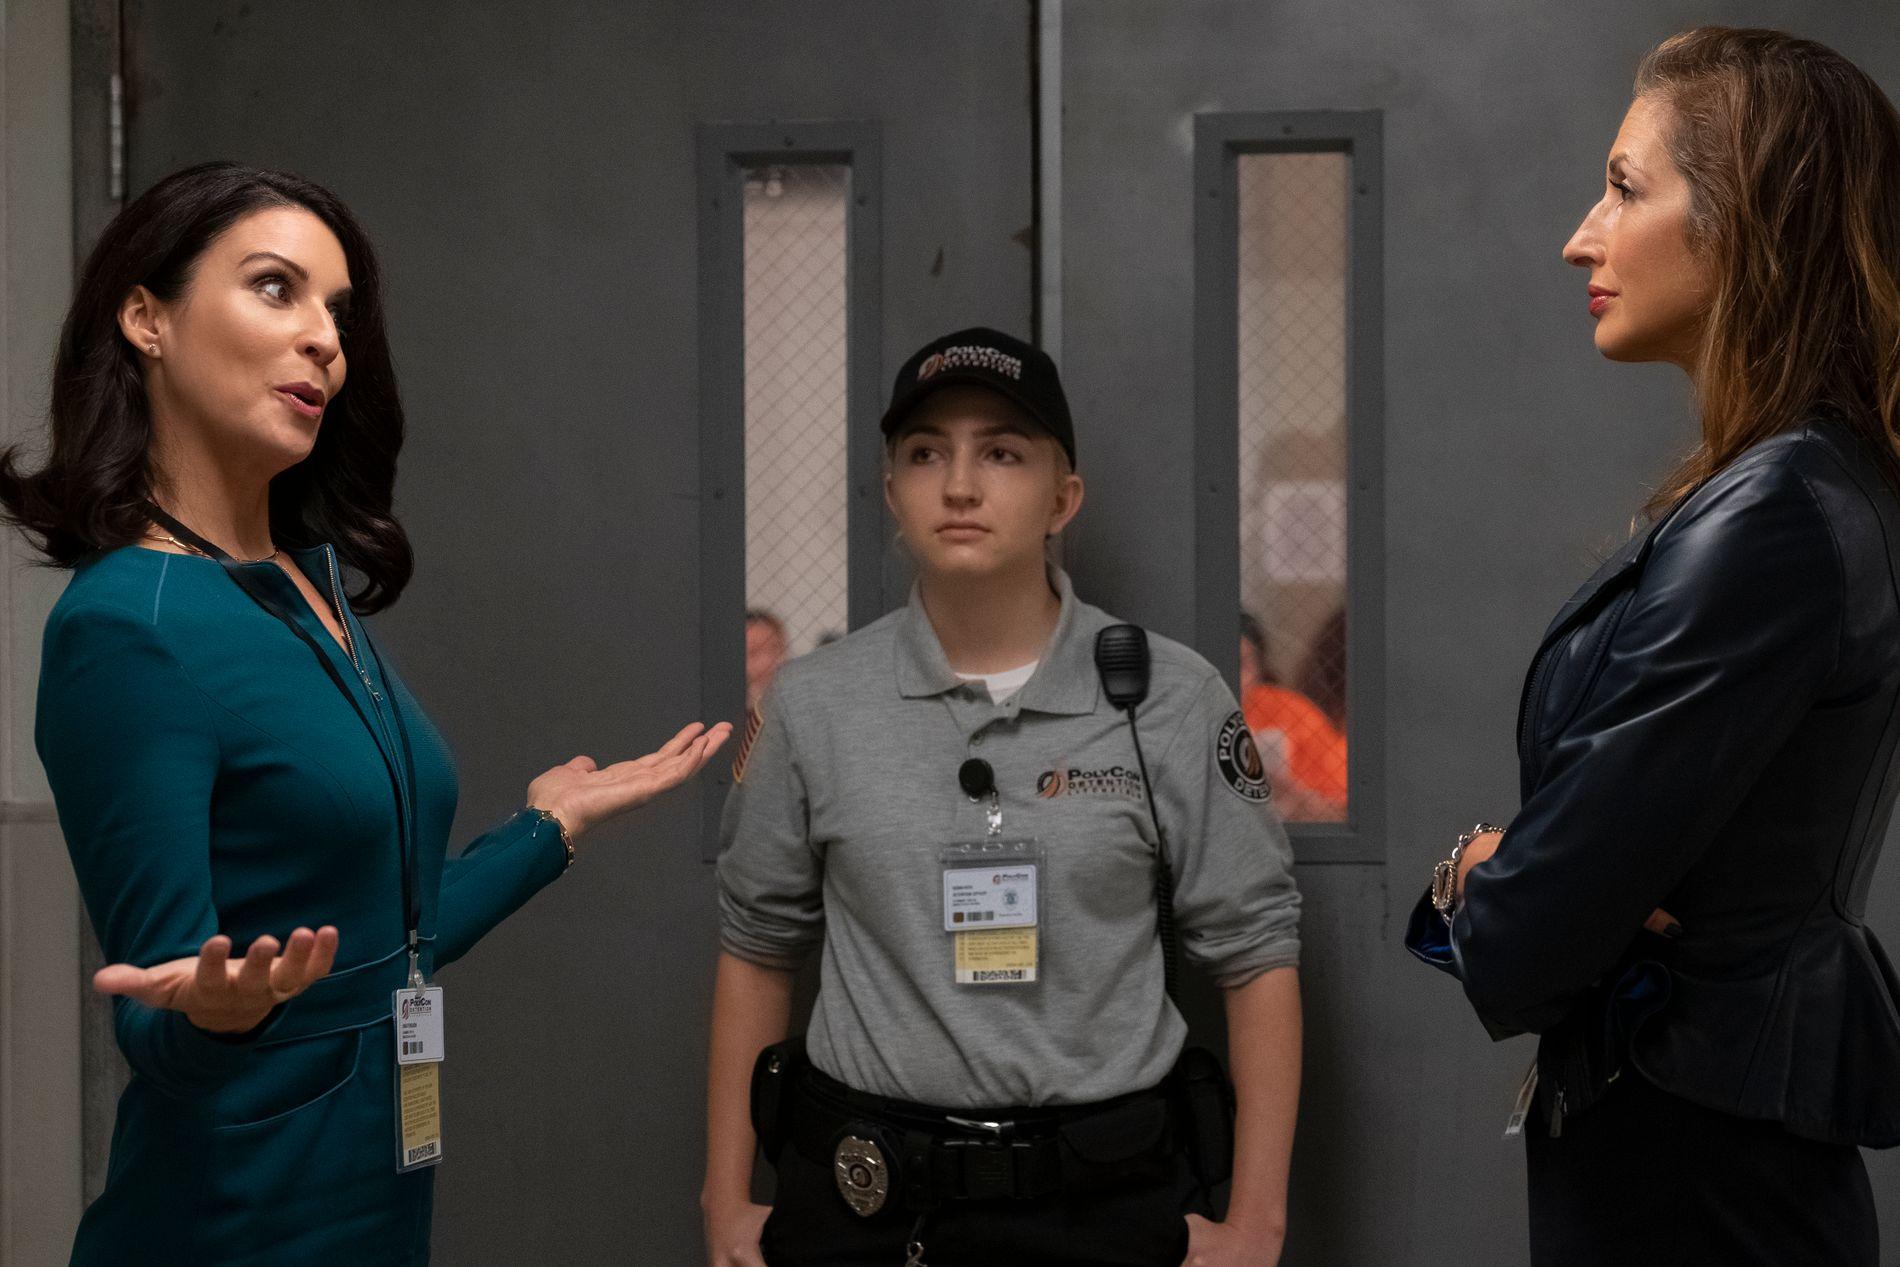 UTENFOR: Ledelseshverdagen er ikke helt den samme når eierene skal ha sitt, erfarer  Natalie Figueroa (Alysia Reiner) når hun nok en gang skal diskutere med Linda Ferguson (Beth Dover).